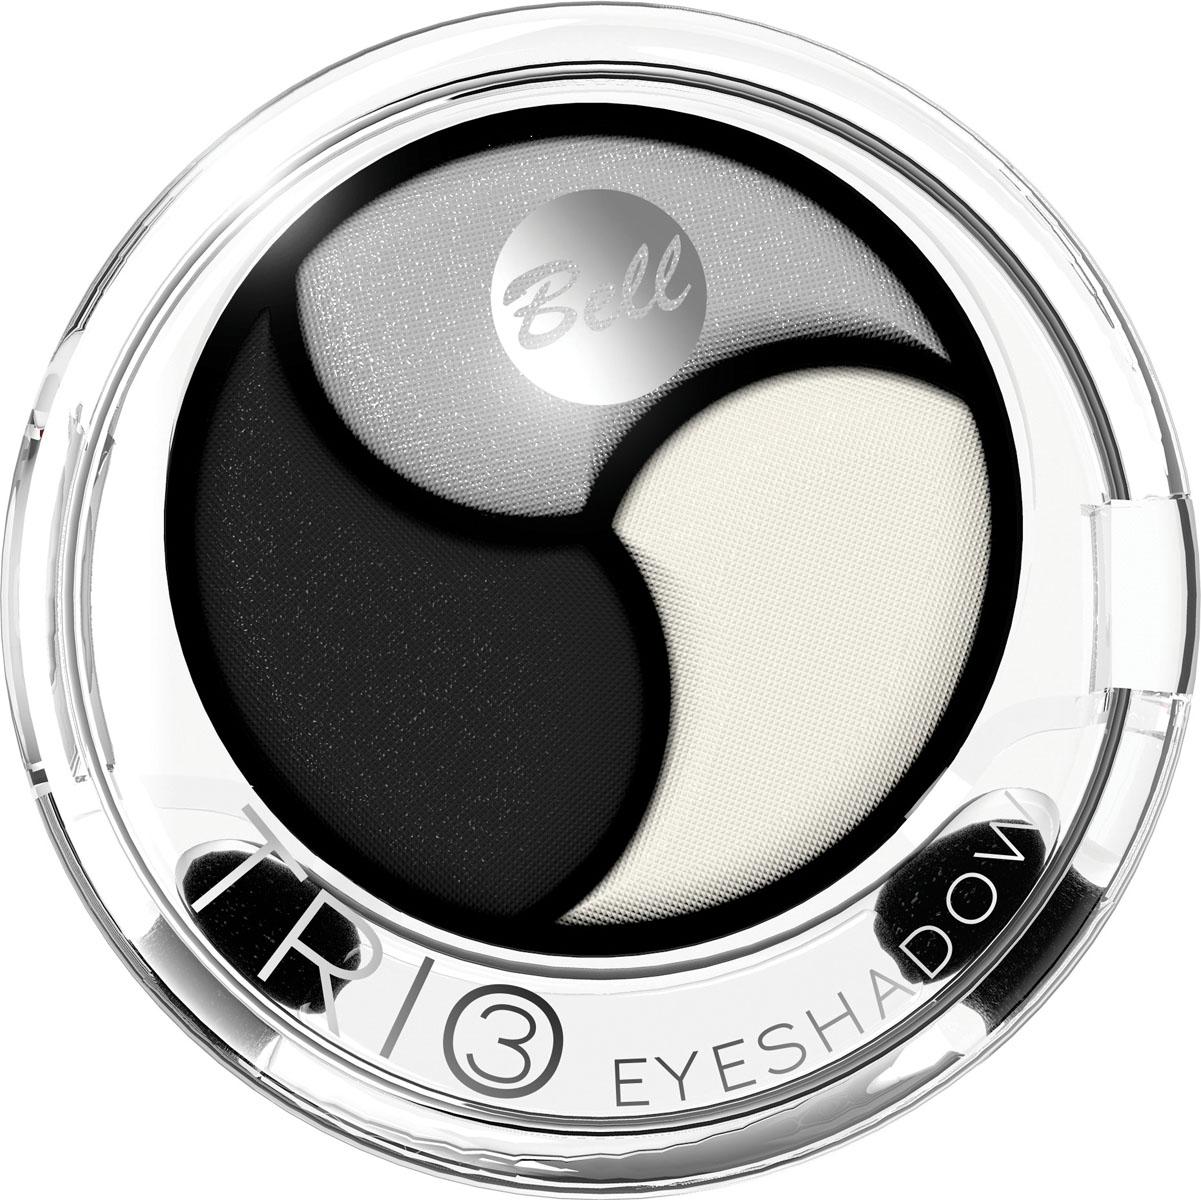 Bell Тени для век 3х Цветные Trio Eyeshadow Тон 1, 4 грBcT001Инновационная технология обеспечивает насыщенность цвета, удобство аппликации, а также необыкновенную стойкость. Тени содержат пигменты, которые находятся в капсуле с маслом жожоба, обладающим увлажняющими свойствами, гарантируя кремовый эффект. Тени представлены в шести цветовых наборах, которые позволят создать идеальный макияж глаз. Тон 1